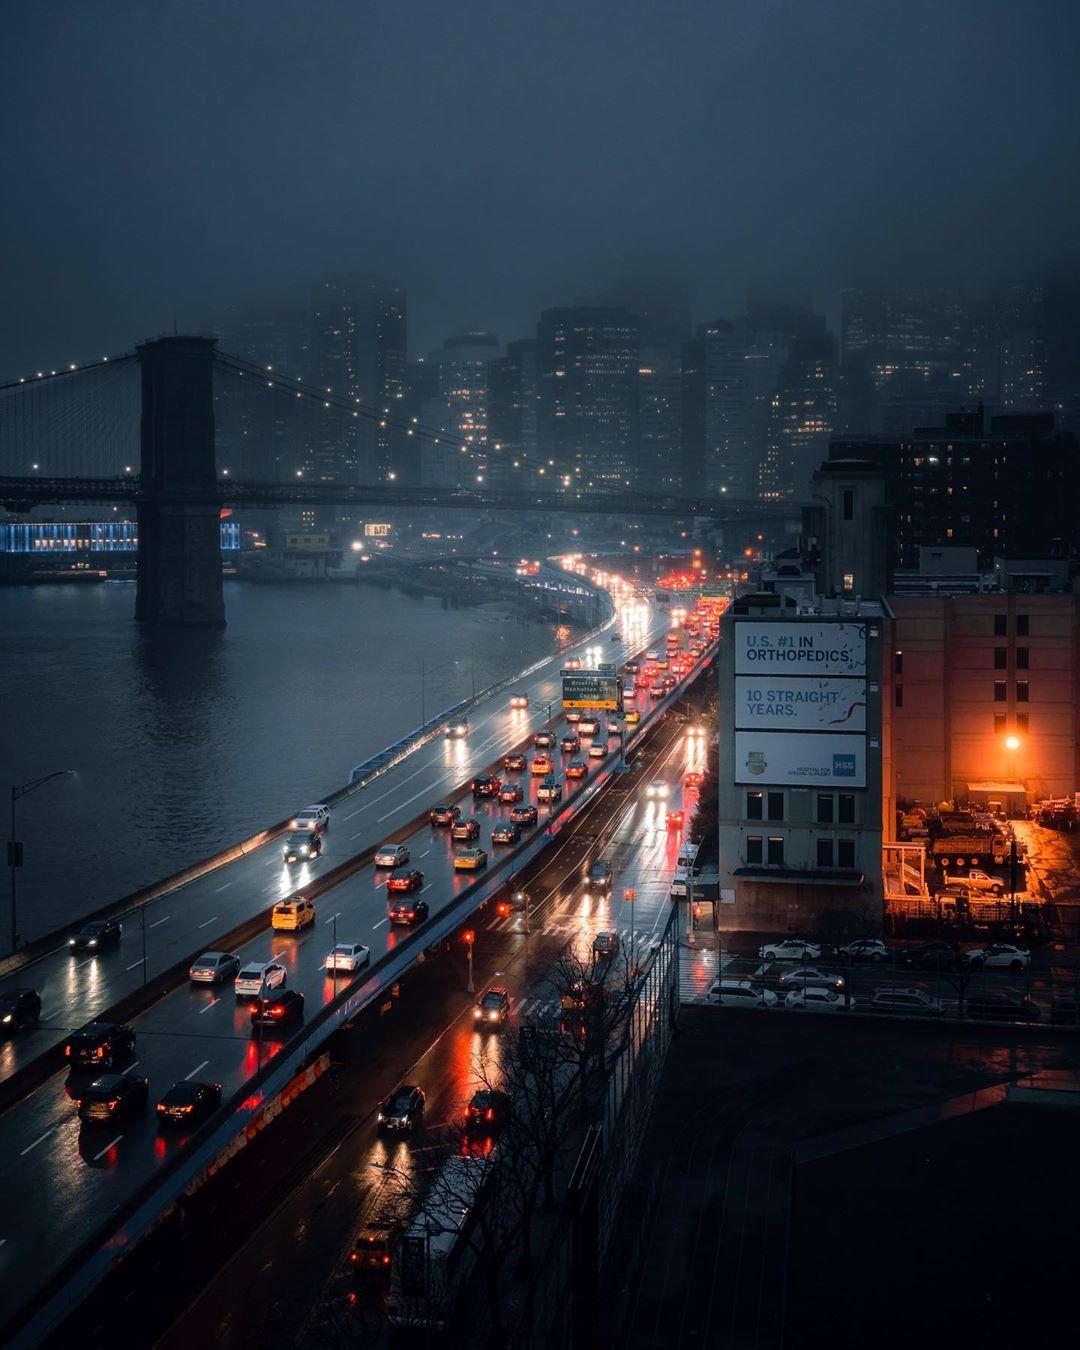 Кинематографические уличные снимки от Николаса Миллера